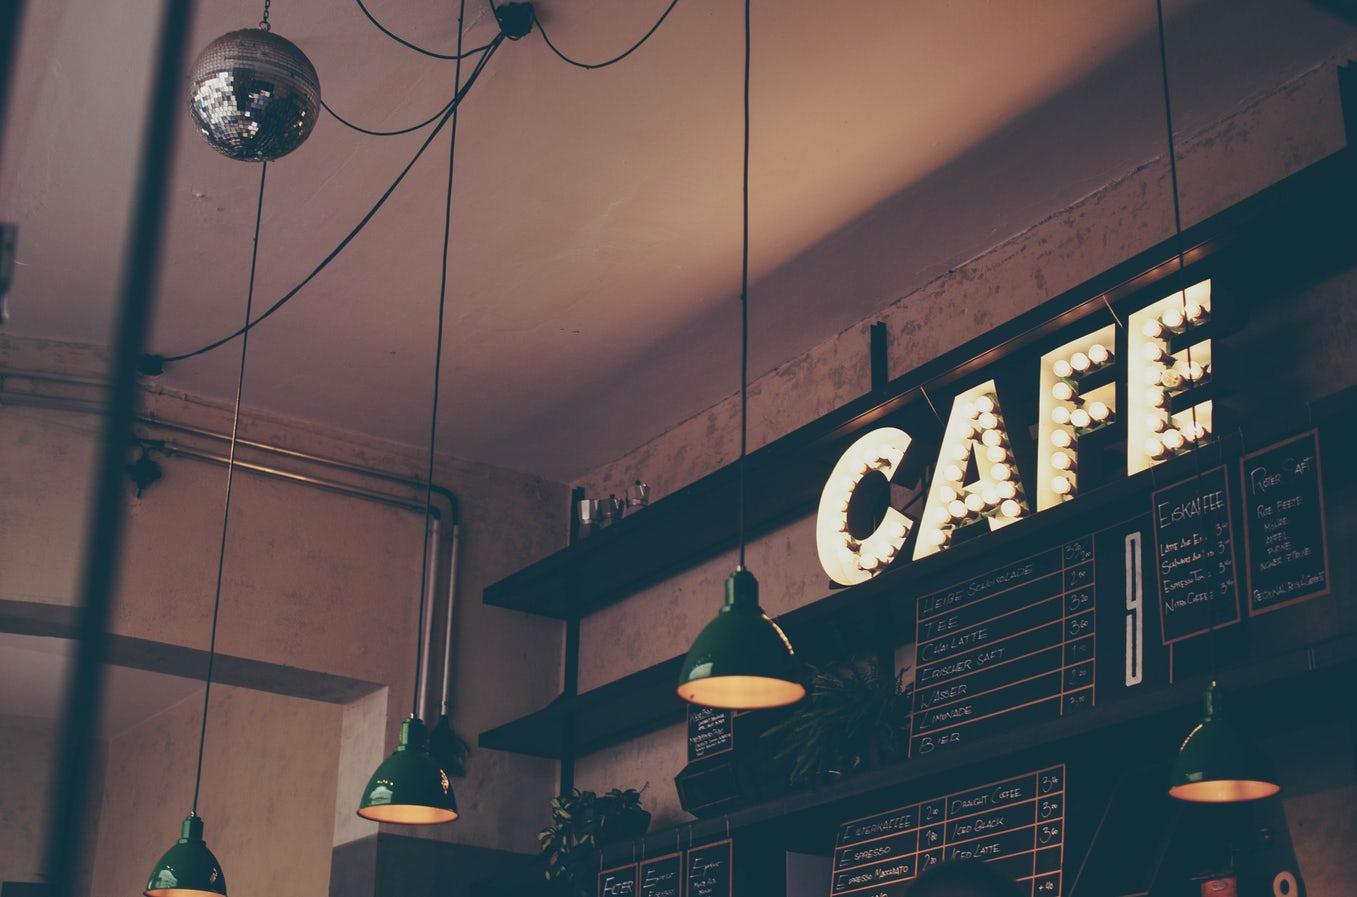 Guide: Starta café - Utforma ett koncept, driv ditt café som ett företag